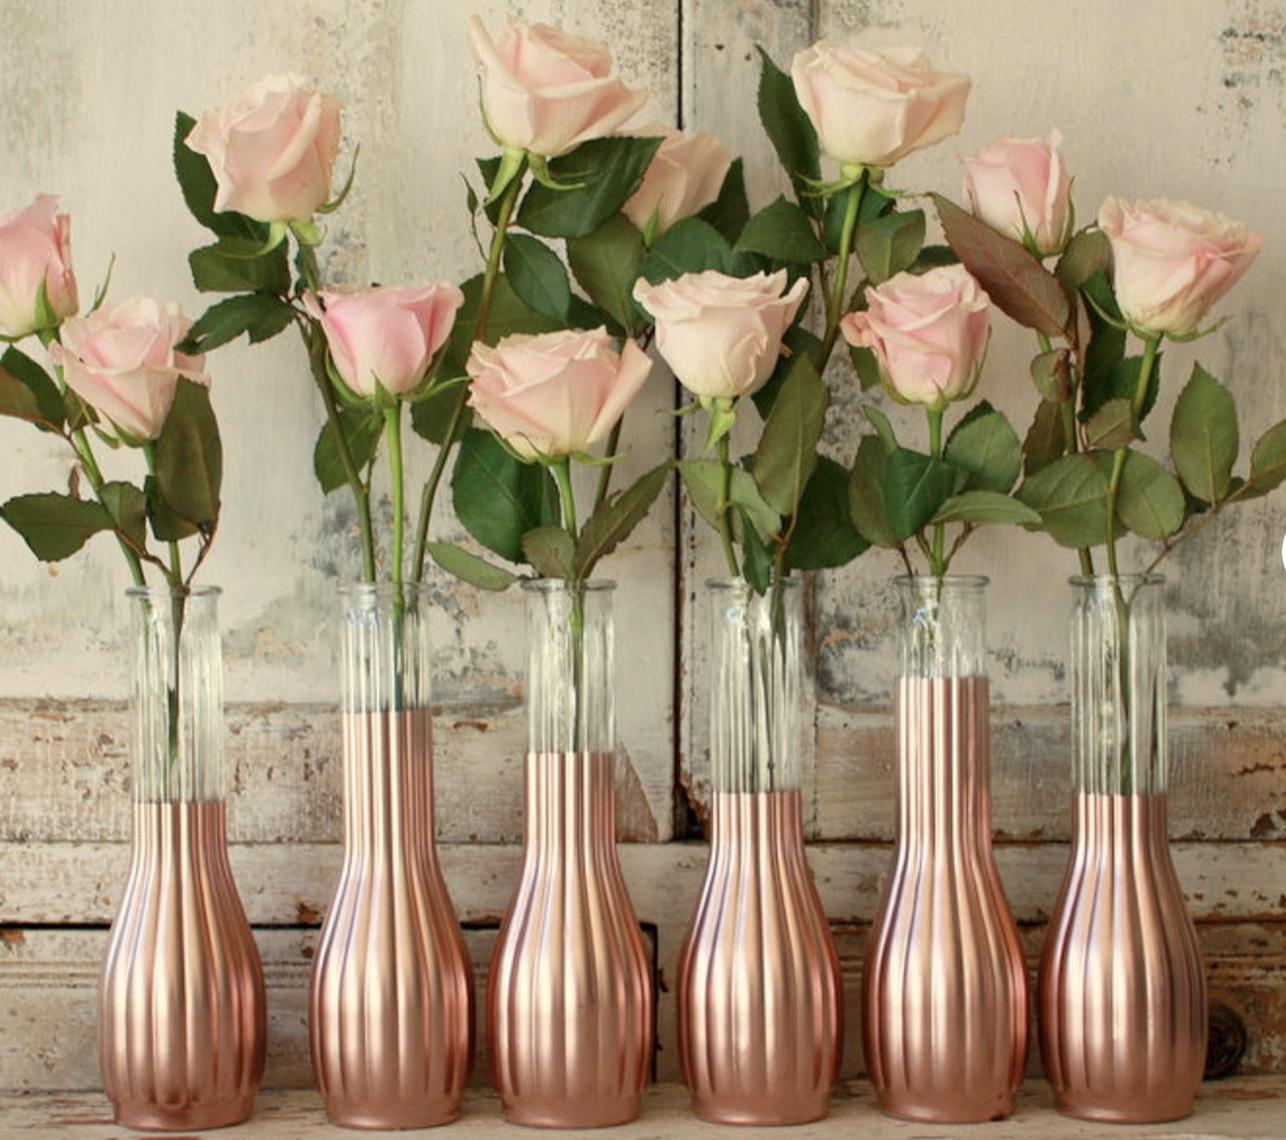 rose gold vases for wedding table arrangements